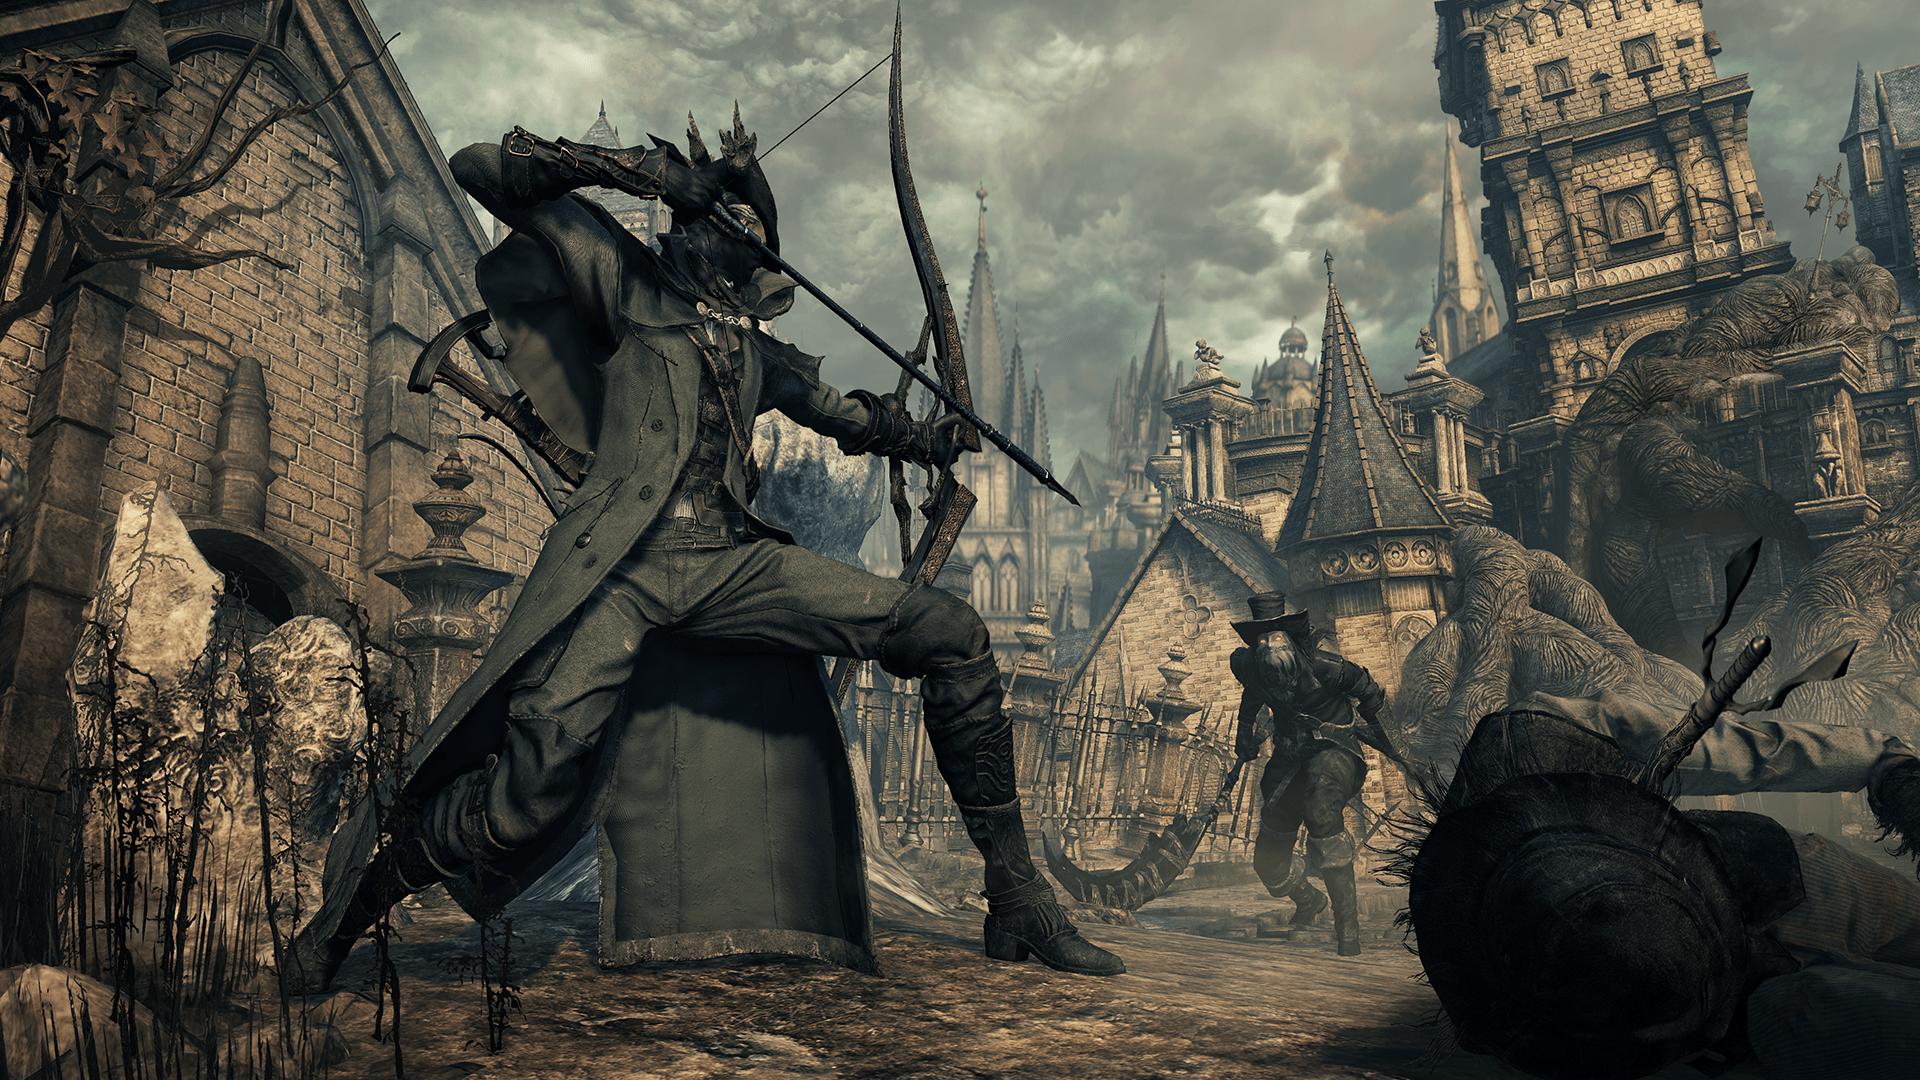 Bloodborne бладборн 2015 скачать торрент